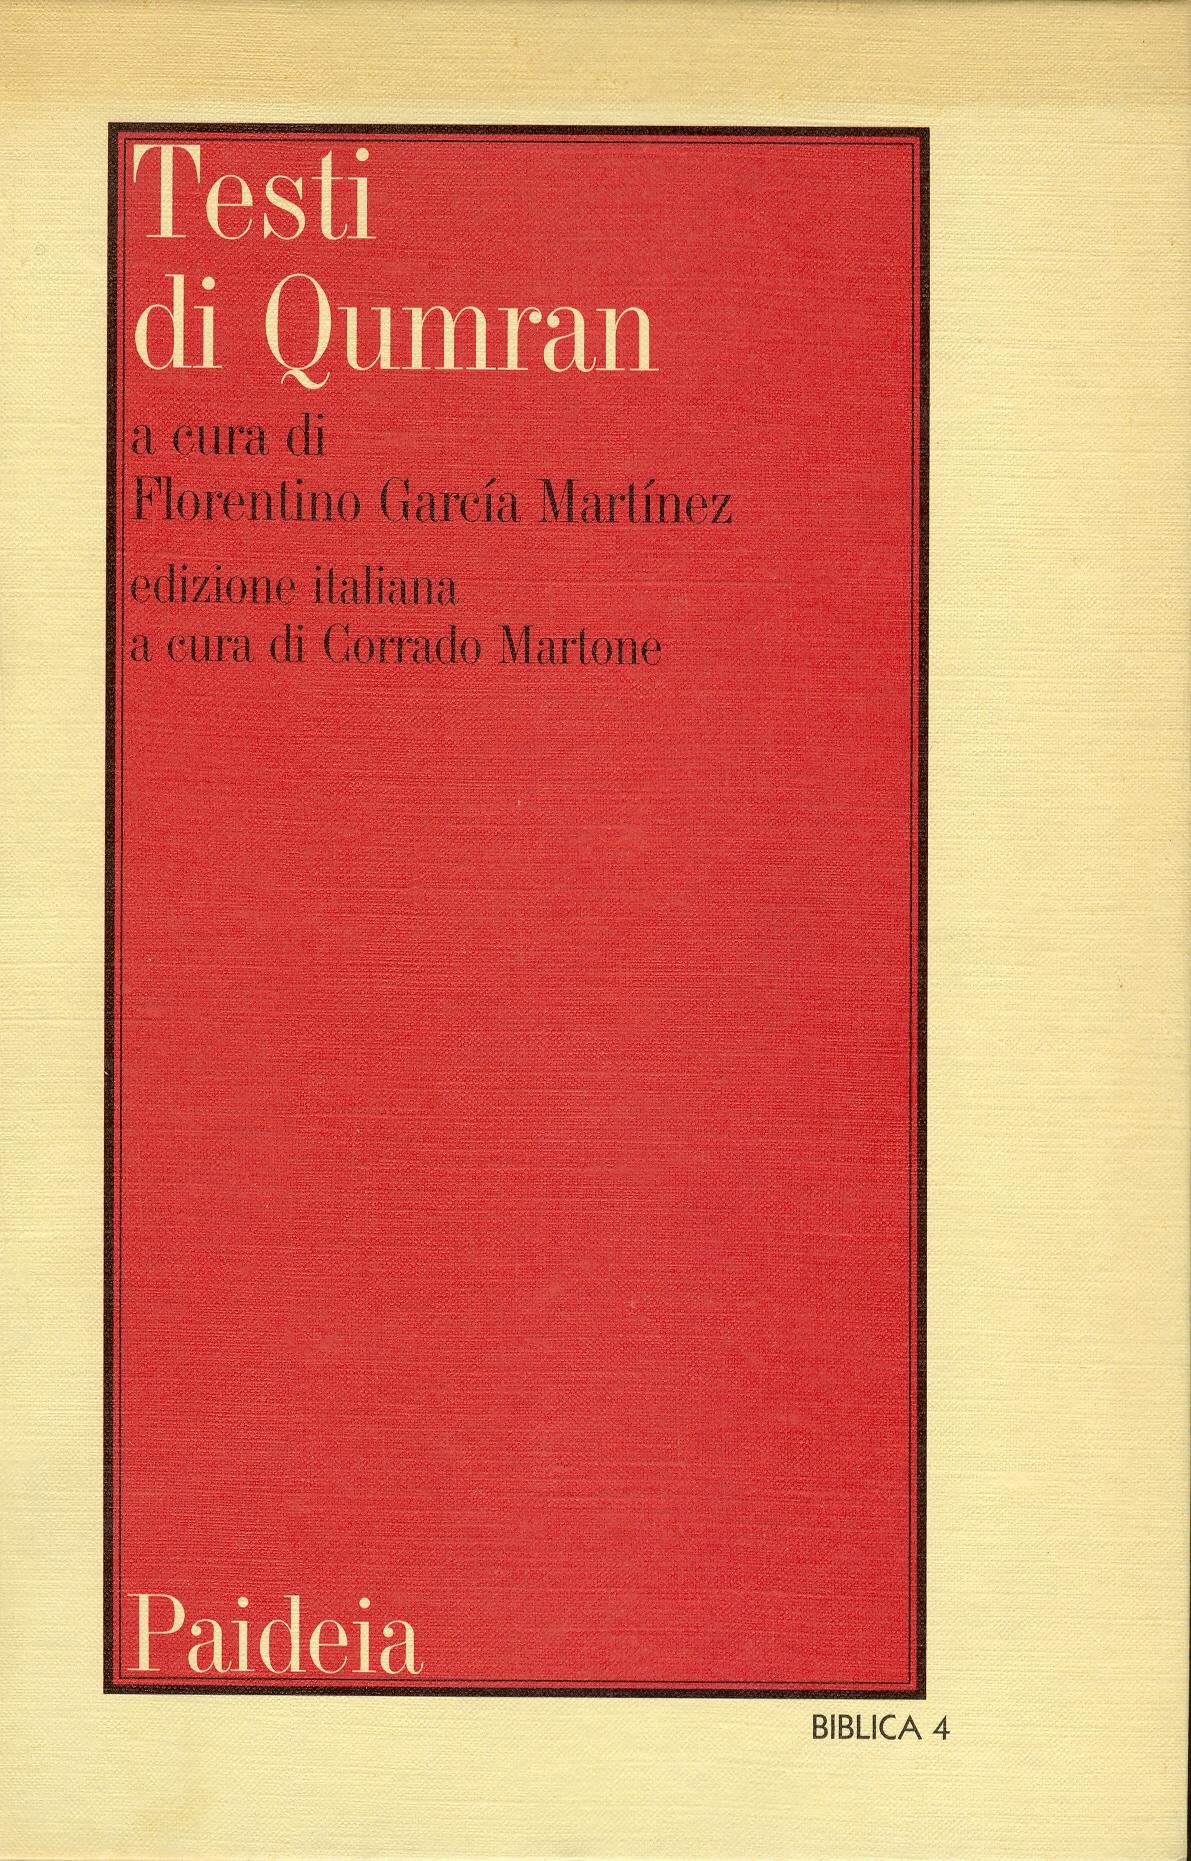 Testi di Qumran